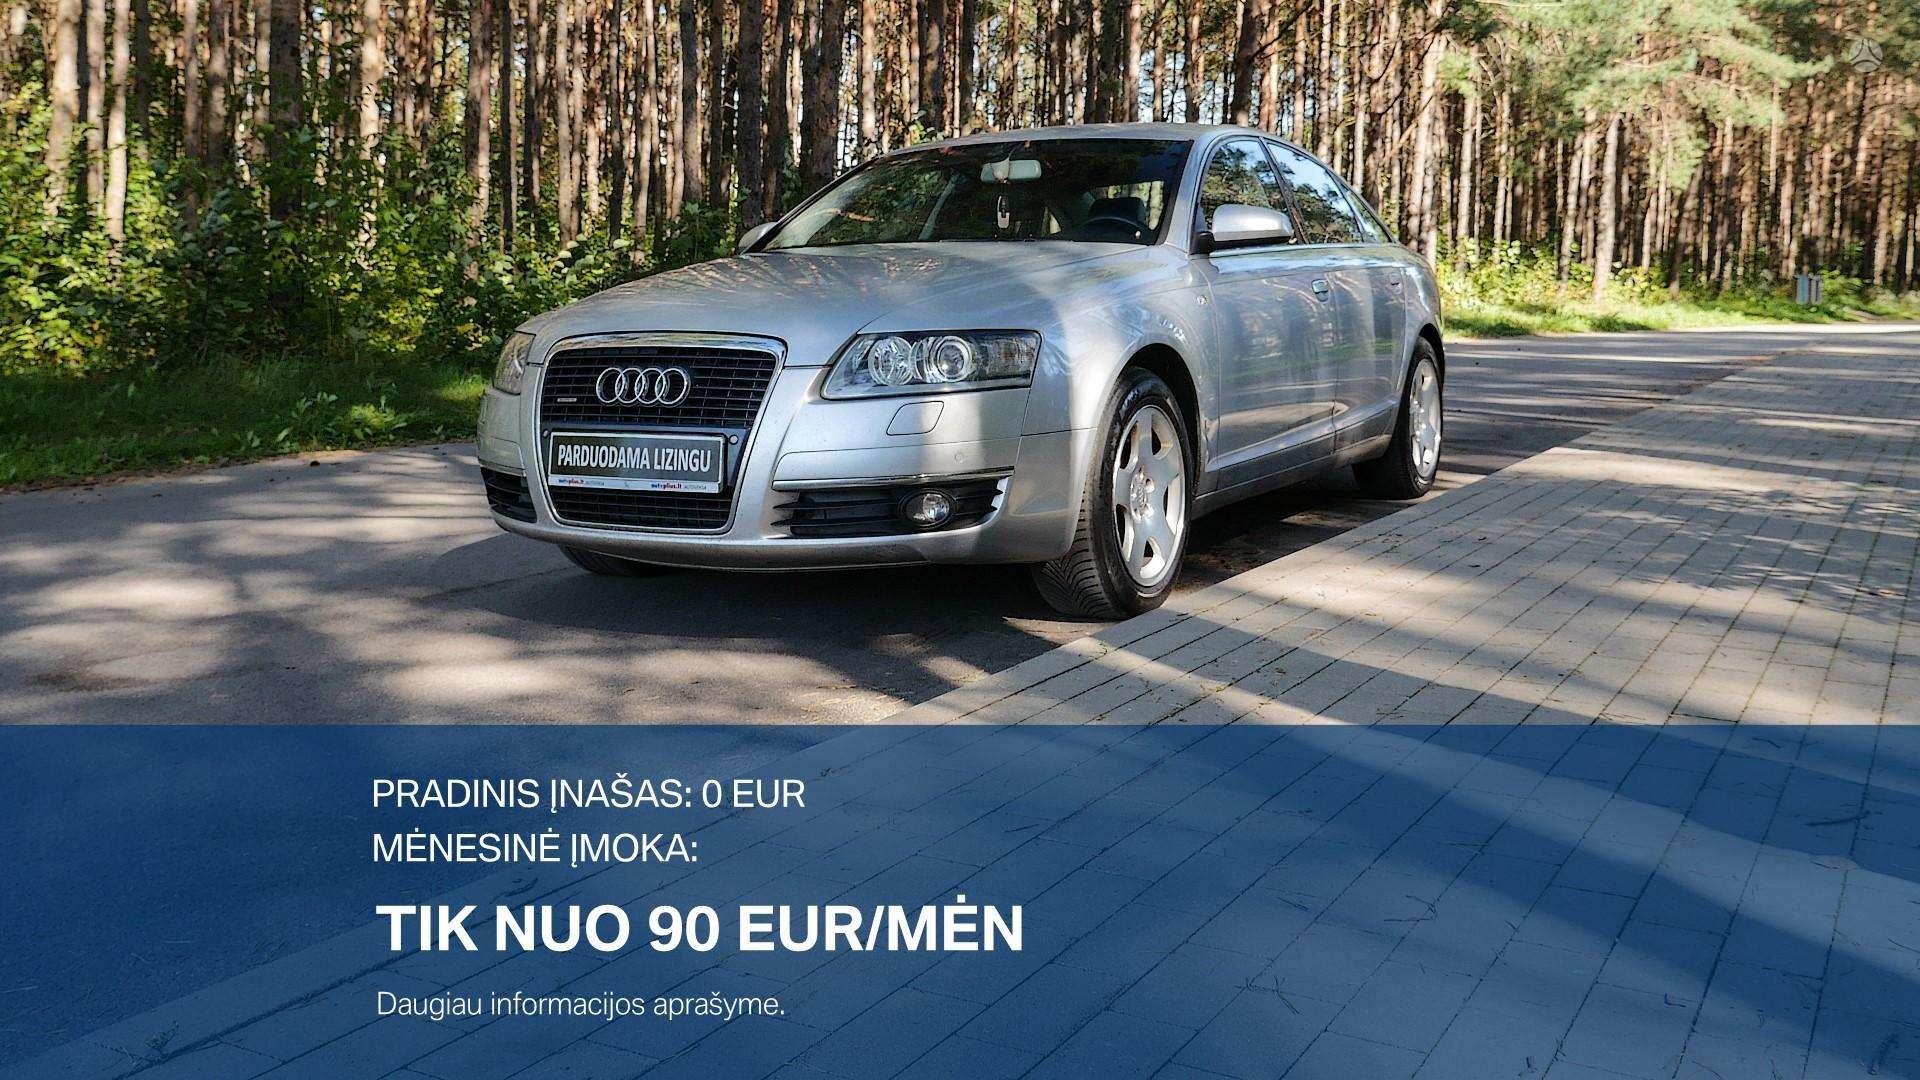 Audi A6 Išsimokėtinai nuo 90Eur/Mėn su 3 mėnesių garantija